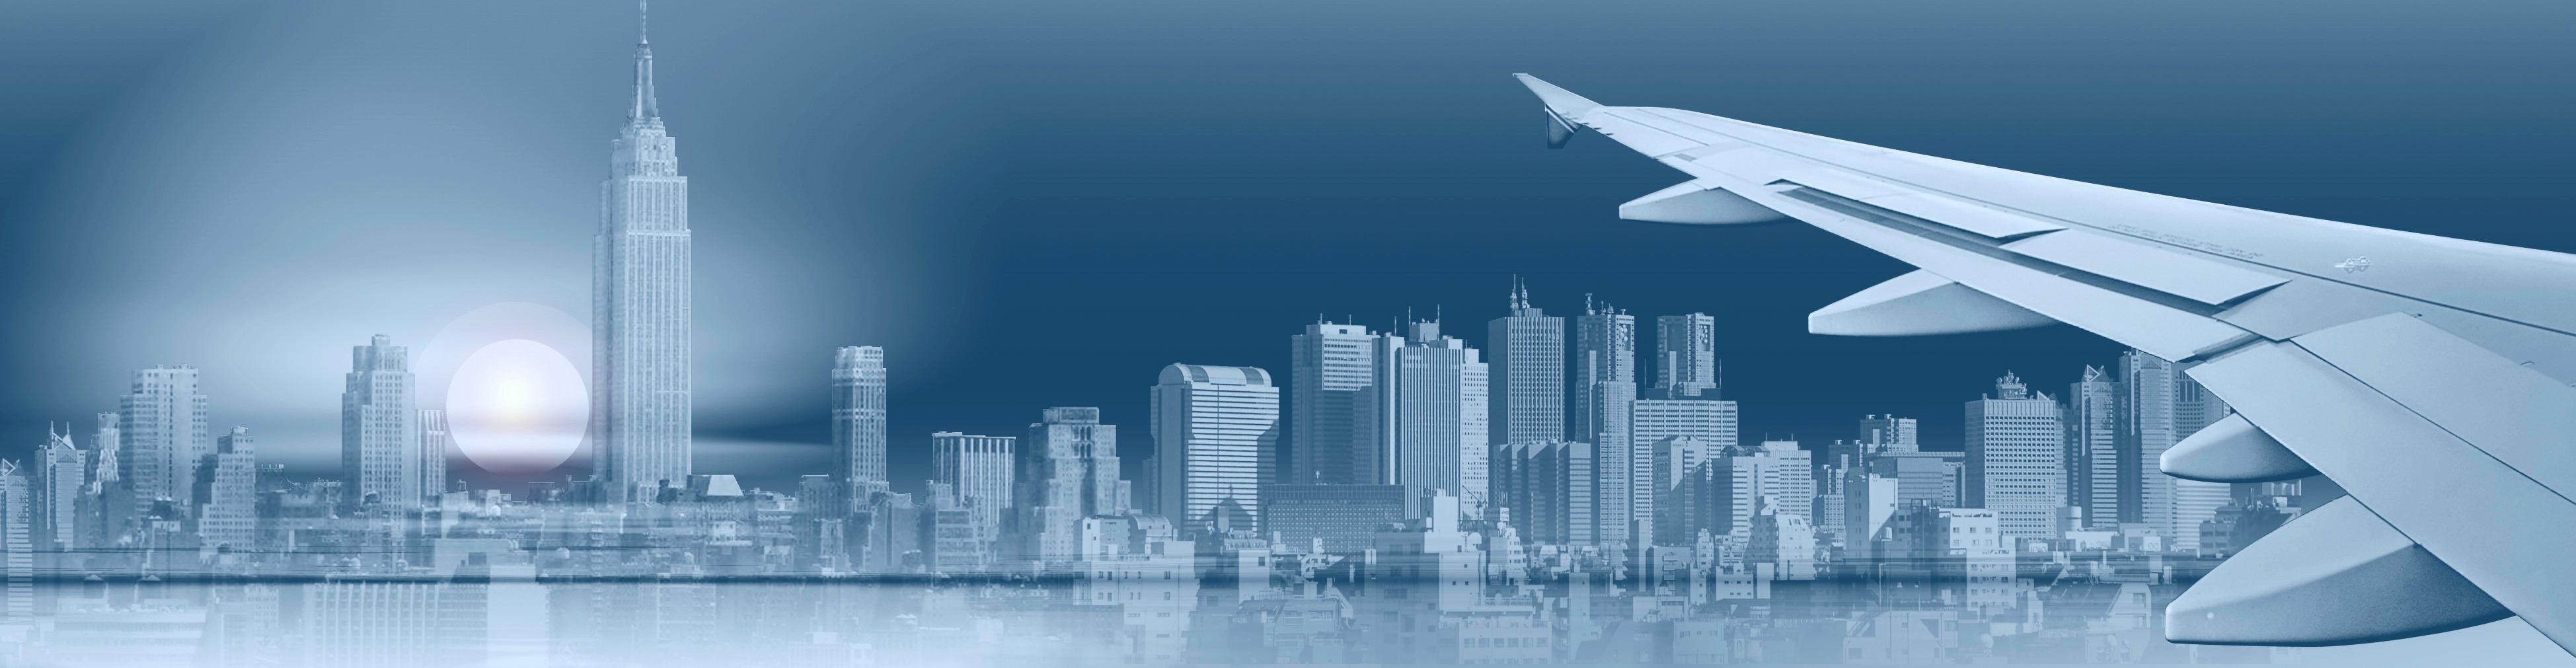 CofranceSARL: отзывы об авиакомпаниях